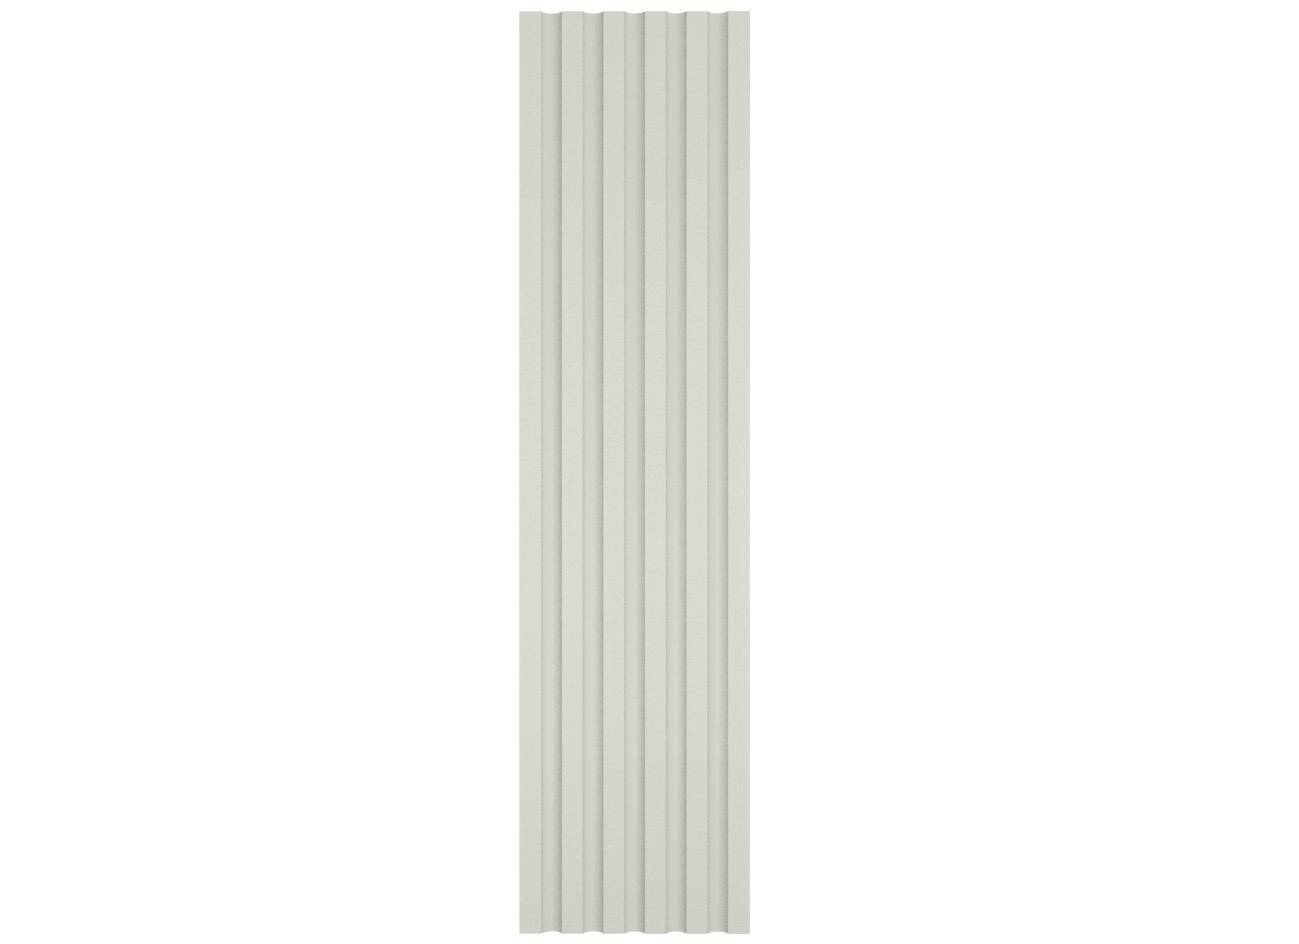 Les 500 - Lesene in polistirene spalmato con graniglie - Decorget - Ital Decori